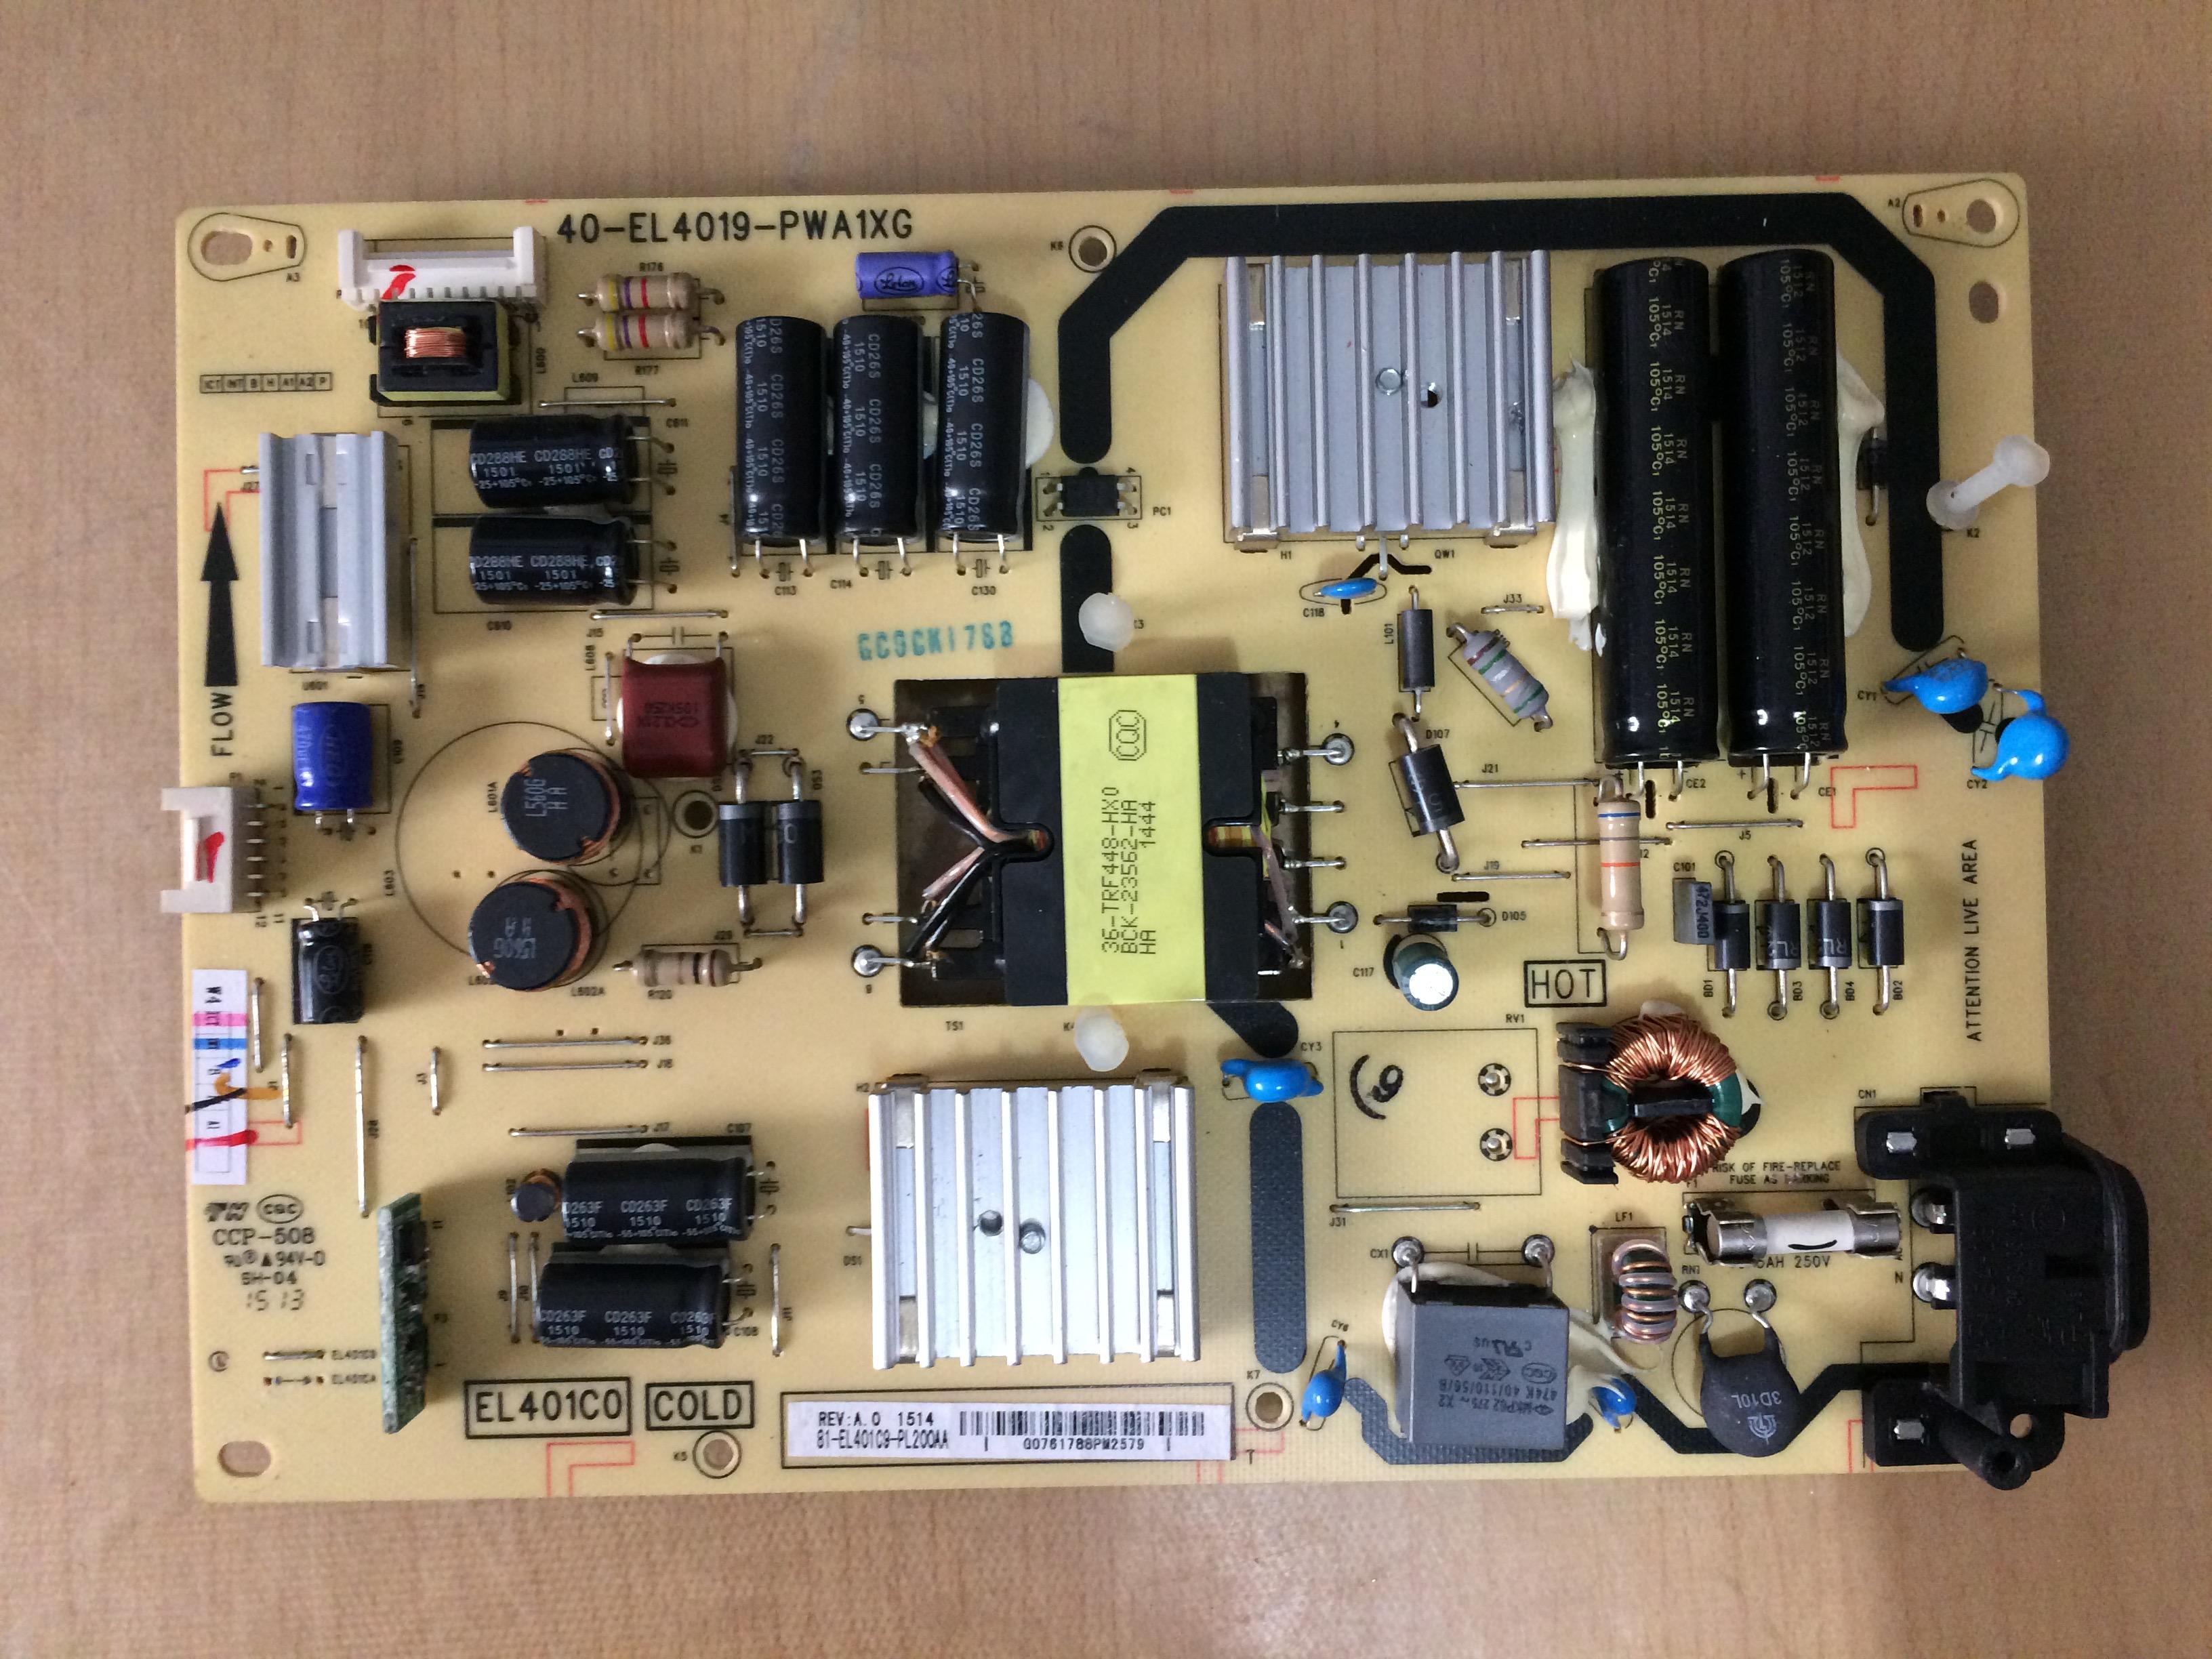 TCL жидкокристаллический телевизор L42A71C полномочия Совета 40-EL4019-PWA1XG